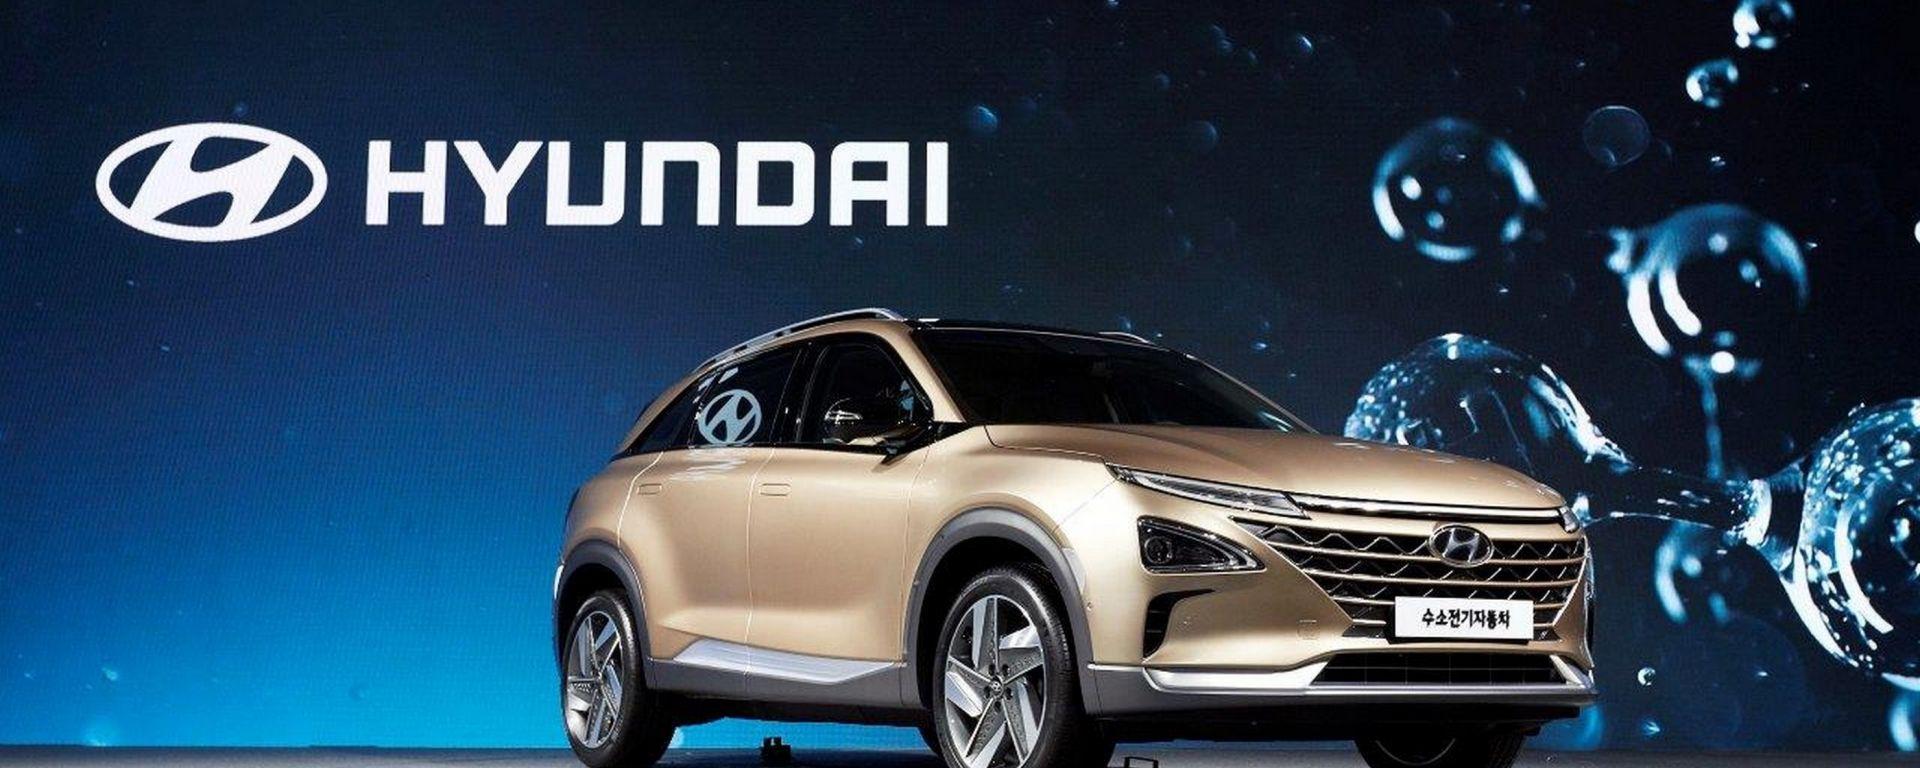 Nuovo SUV Hyundai a idrogeno nel 2018: arriva a Las Vegas